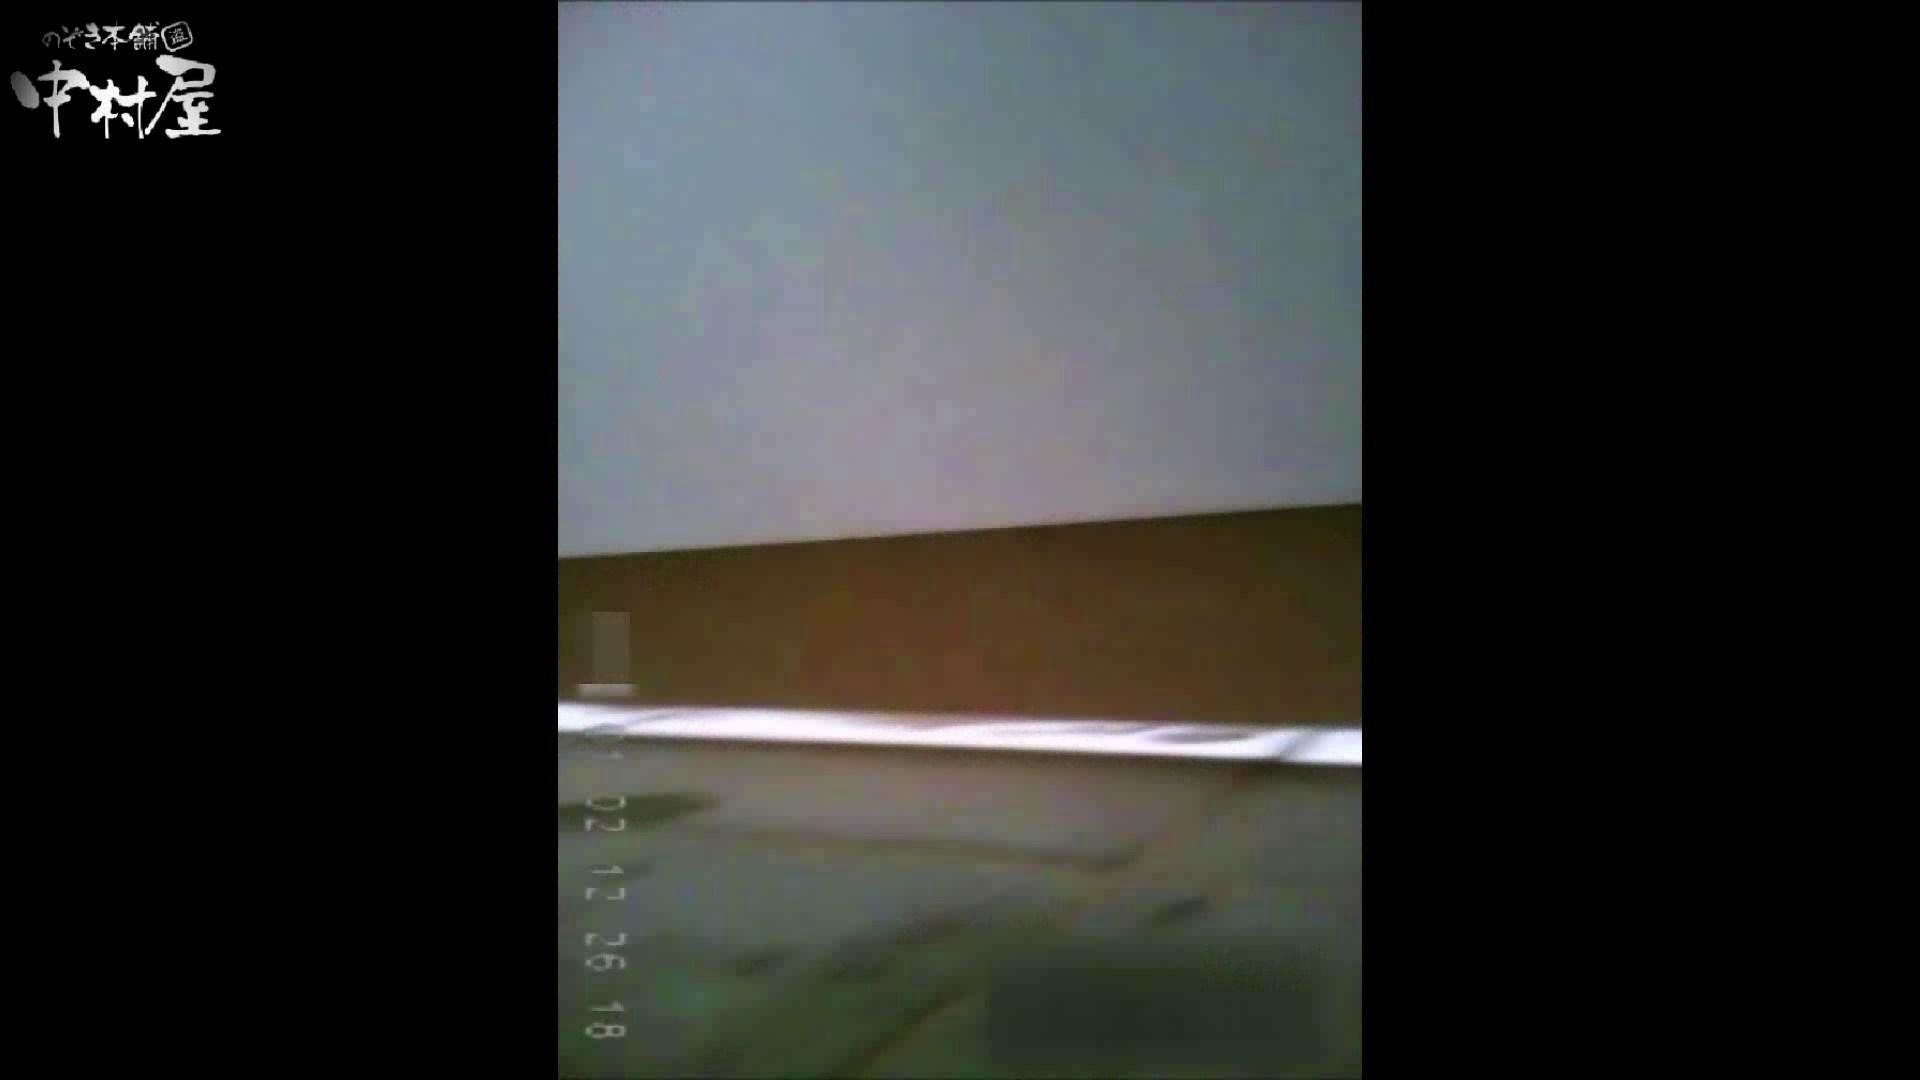 雅さんが厳選新年特別コンテンツ!激走!東京マラソン選手専用女子トイレvol.9 女子トイレ潜入 性交動画流出 101pic 41